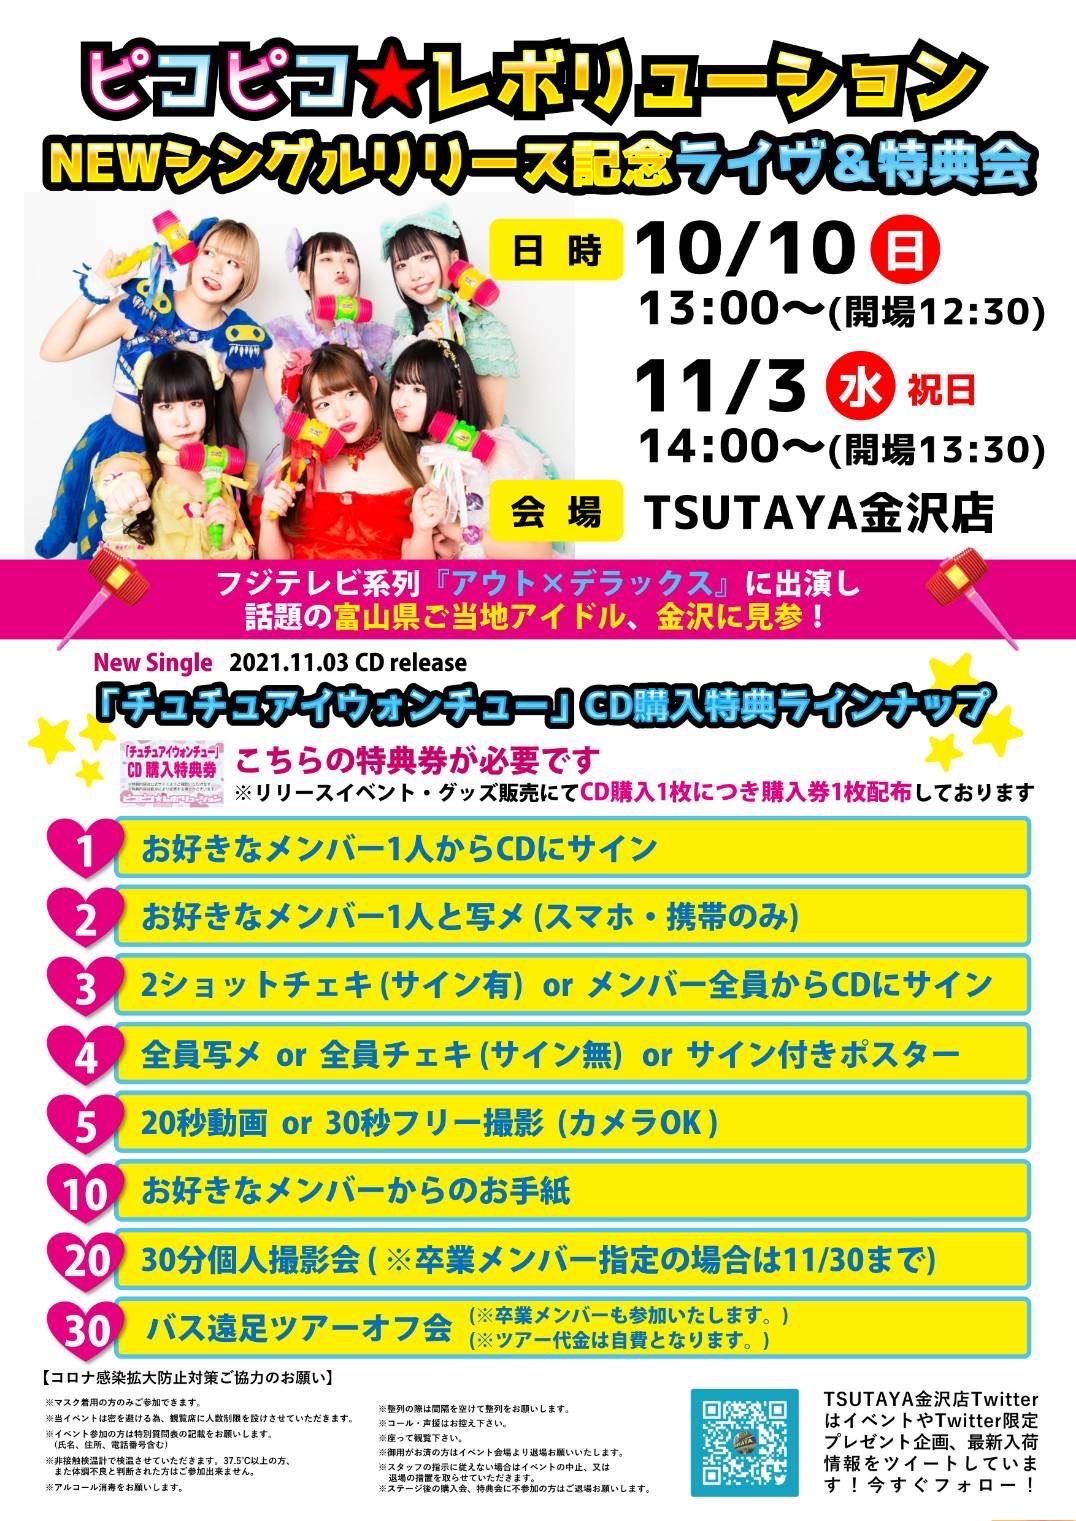 ピコピコ☆レボリューション NEWシングルリリース記念ライヴ&特典会 @ TSUTAYA金沢店